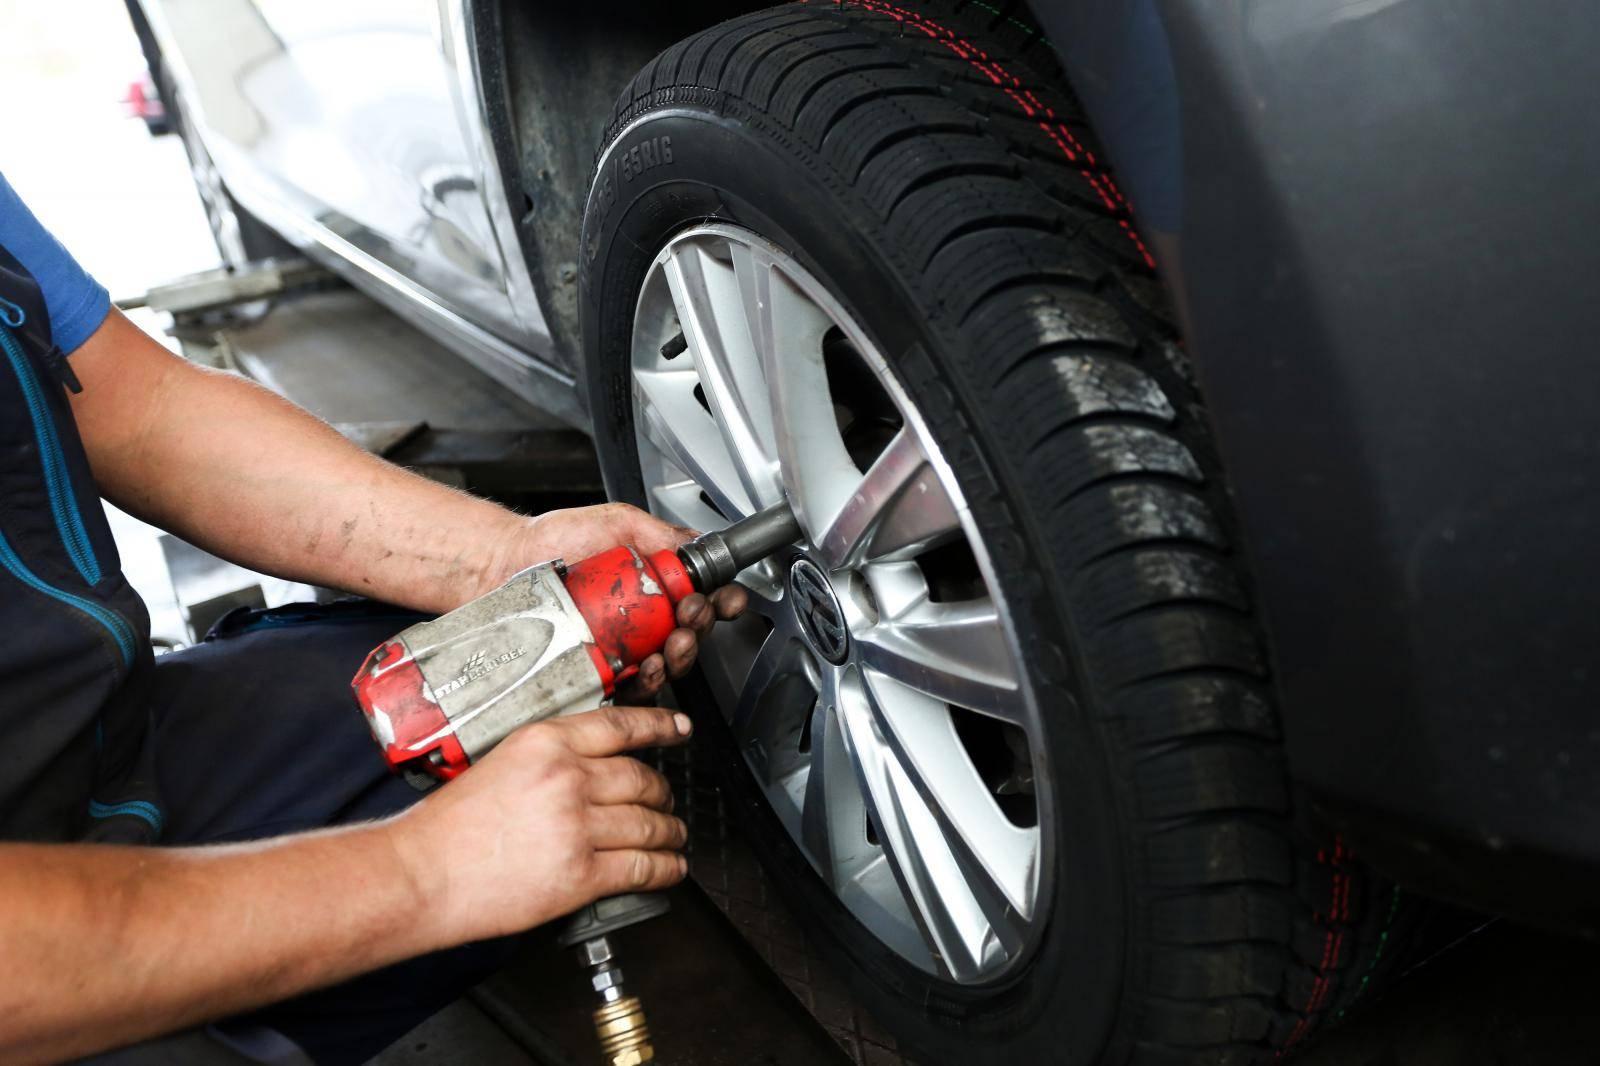 Najizdržljivije gume prijeđu čak 35% više nego one najkrhkije